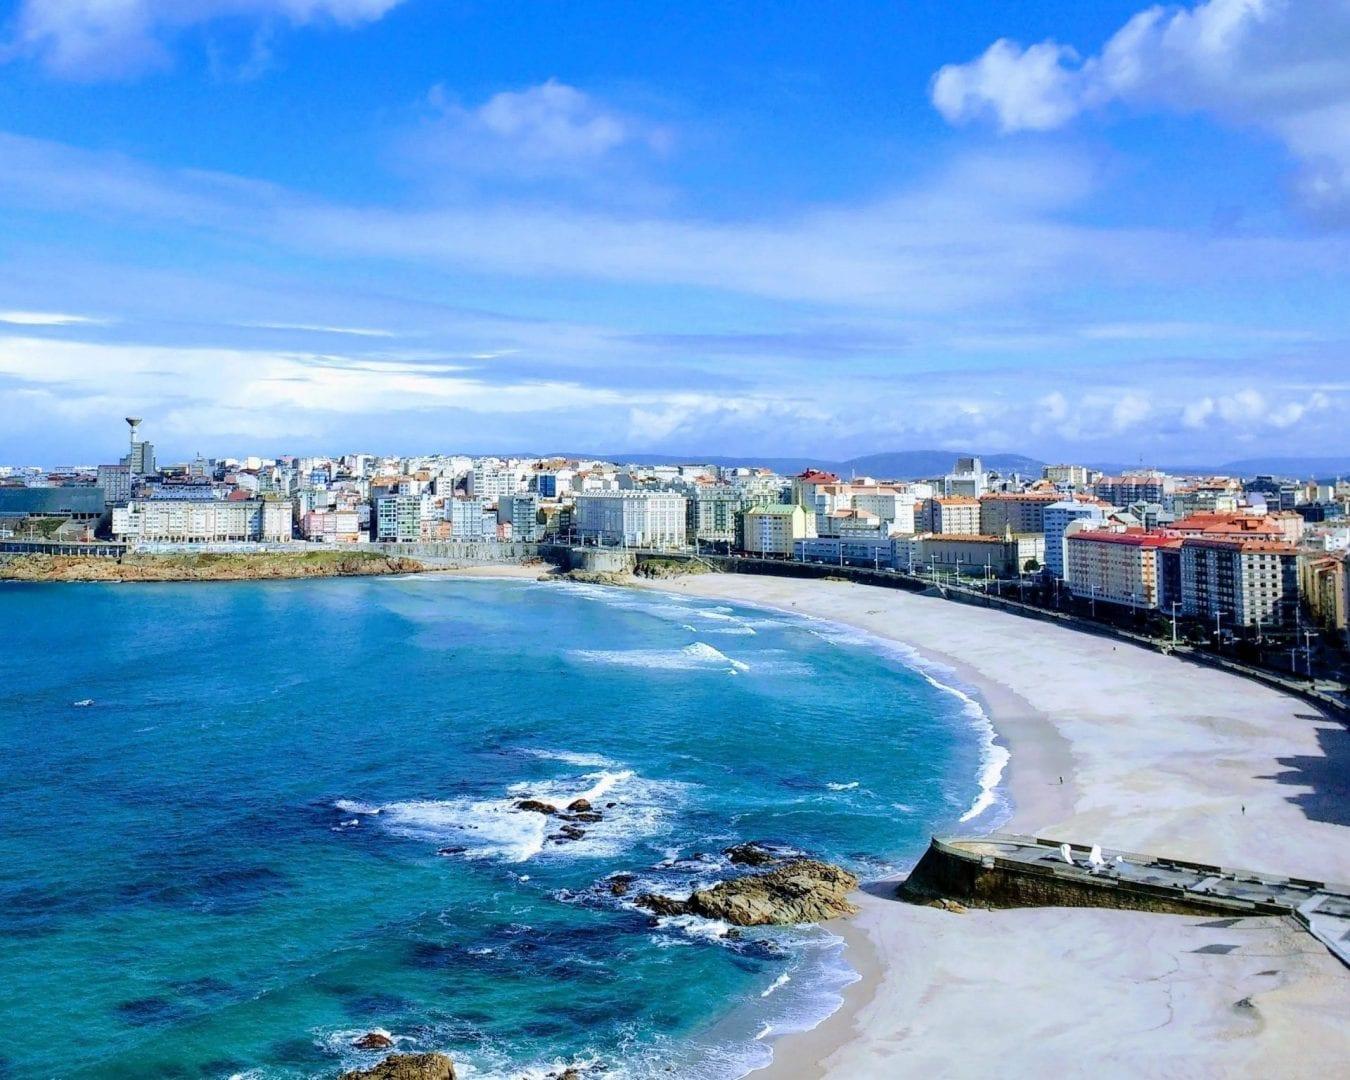 Recorre los lugares más destacados de Galicia